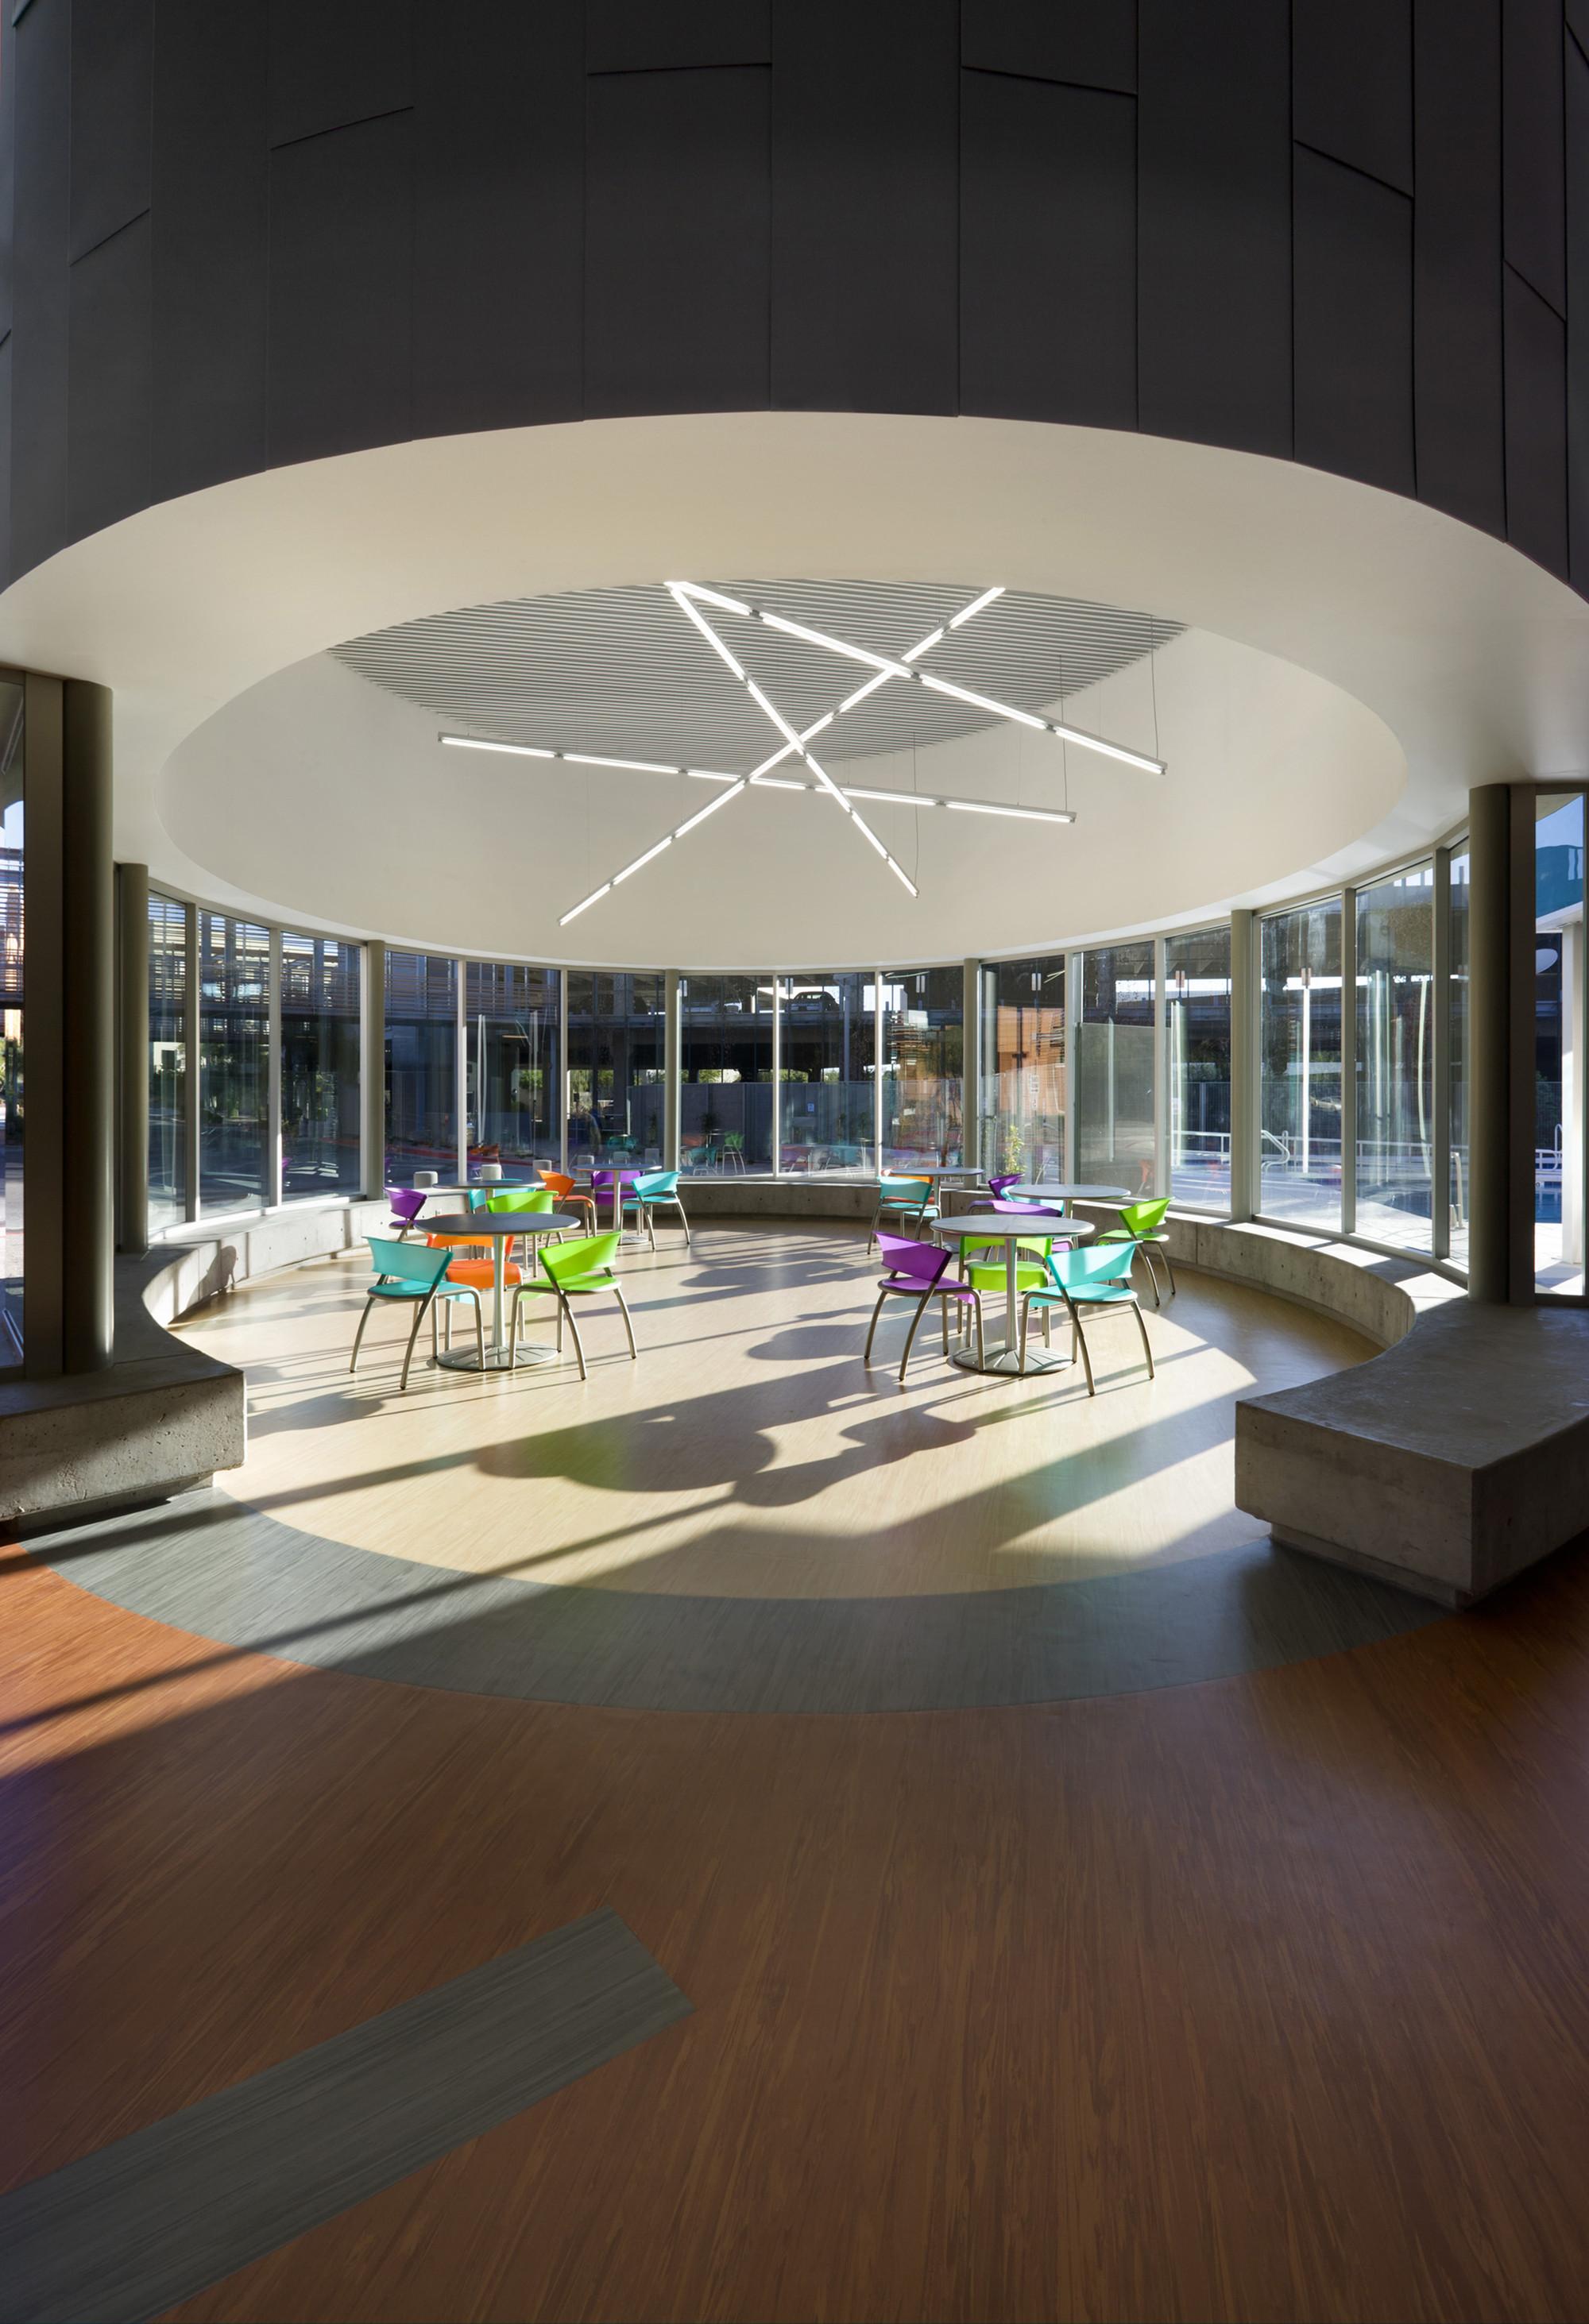 Дизайн спортивного комплекса: зона отдыха